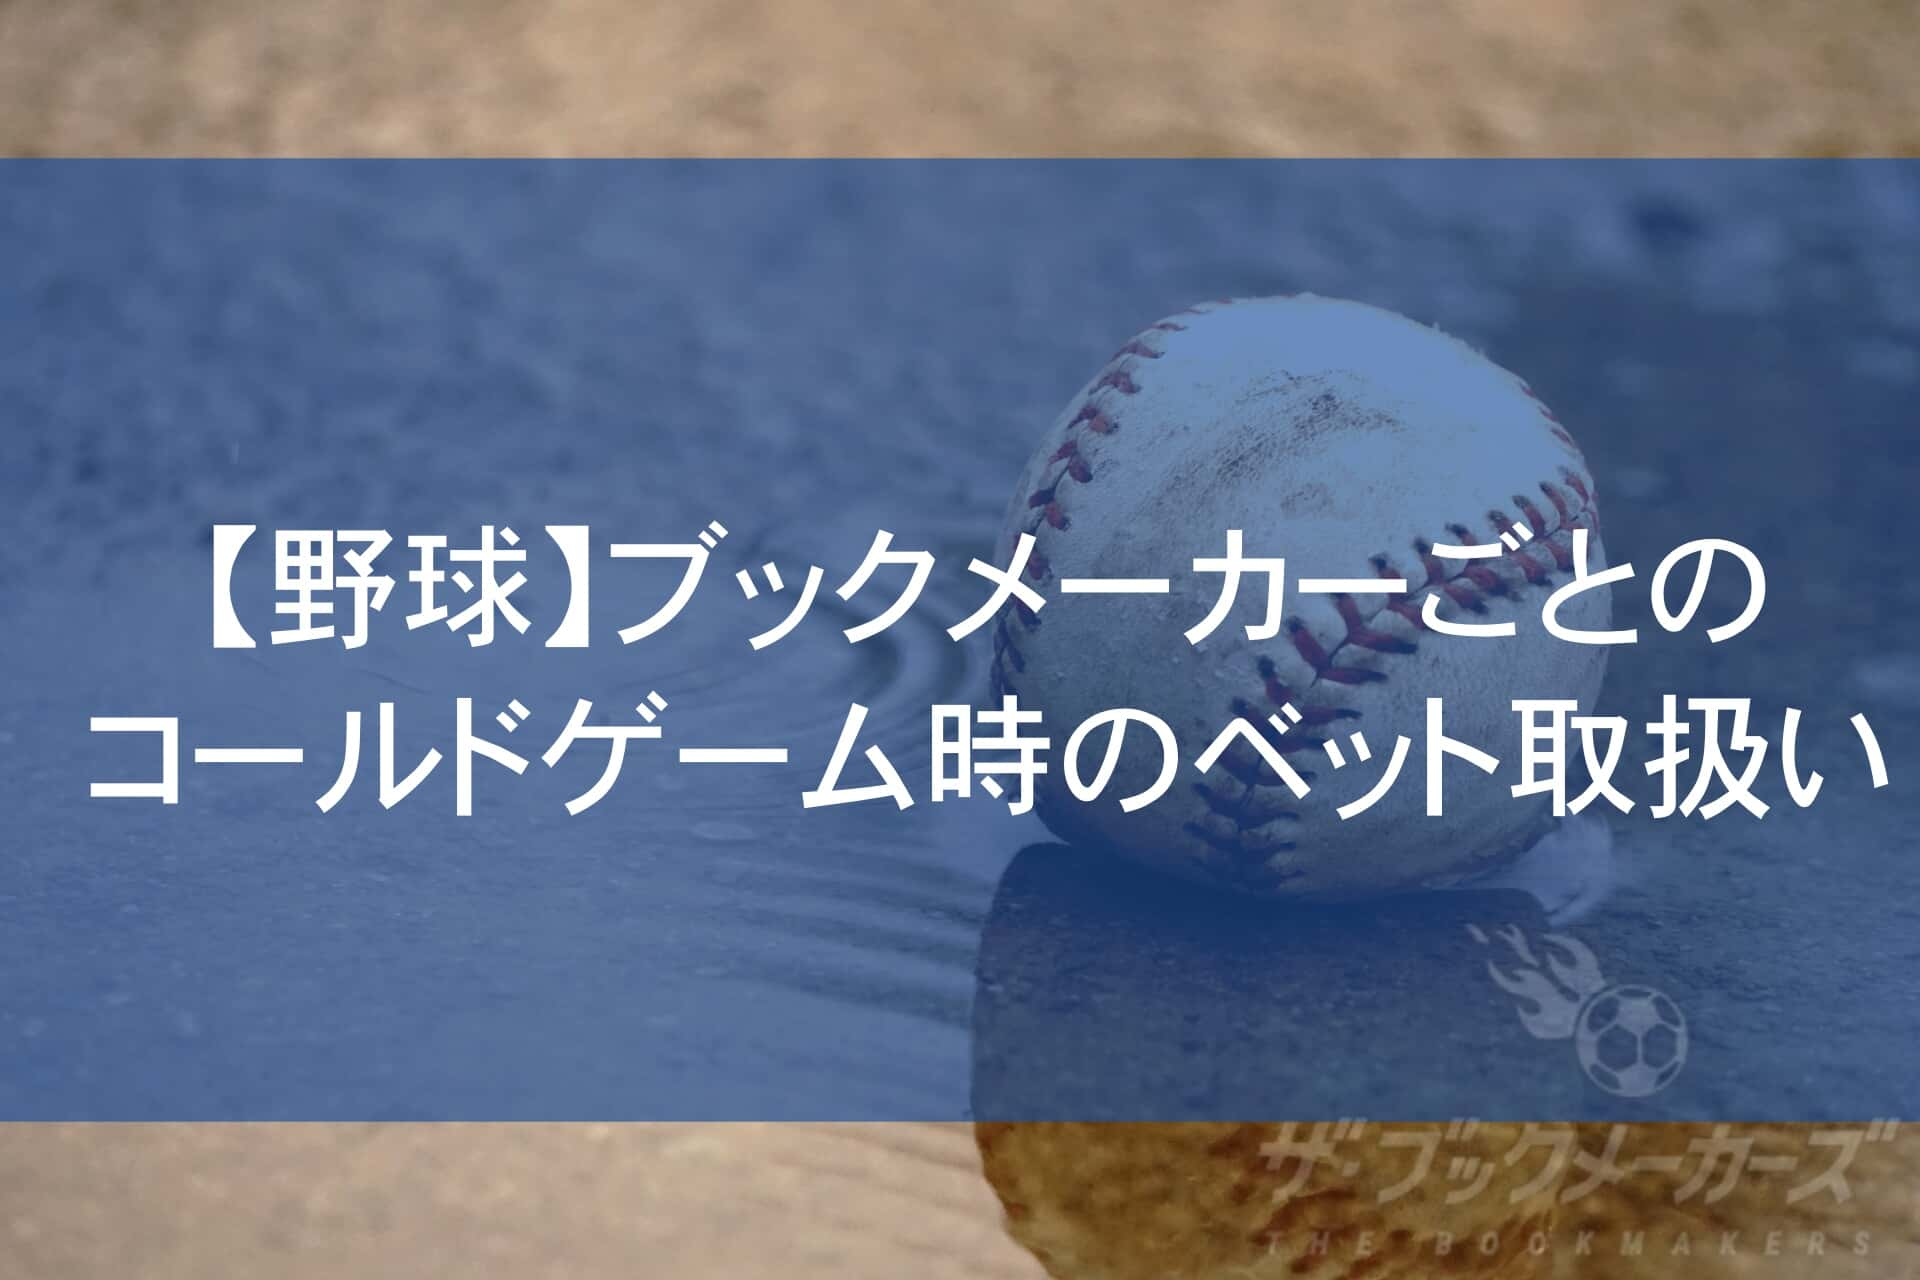 「野球」ブックメーカーでコールドゲームになった場合